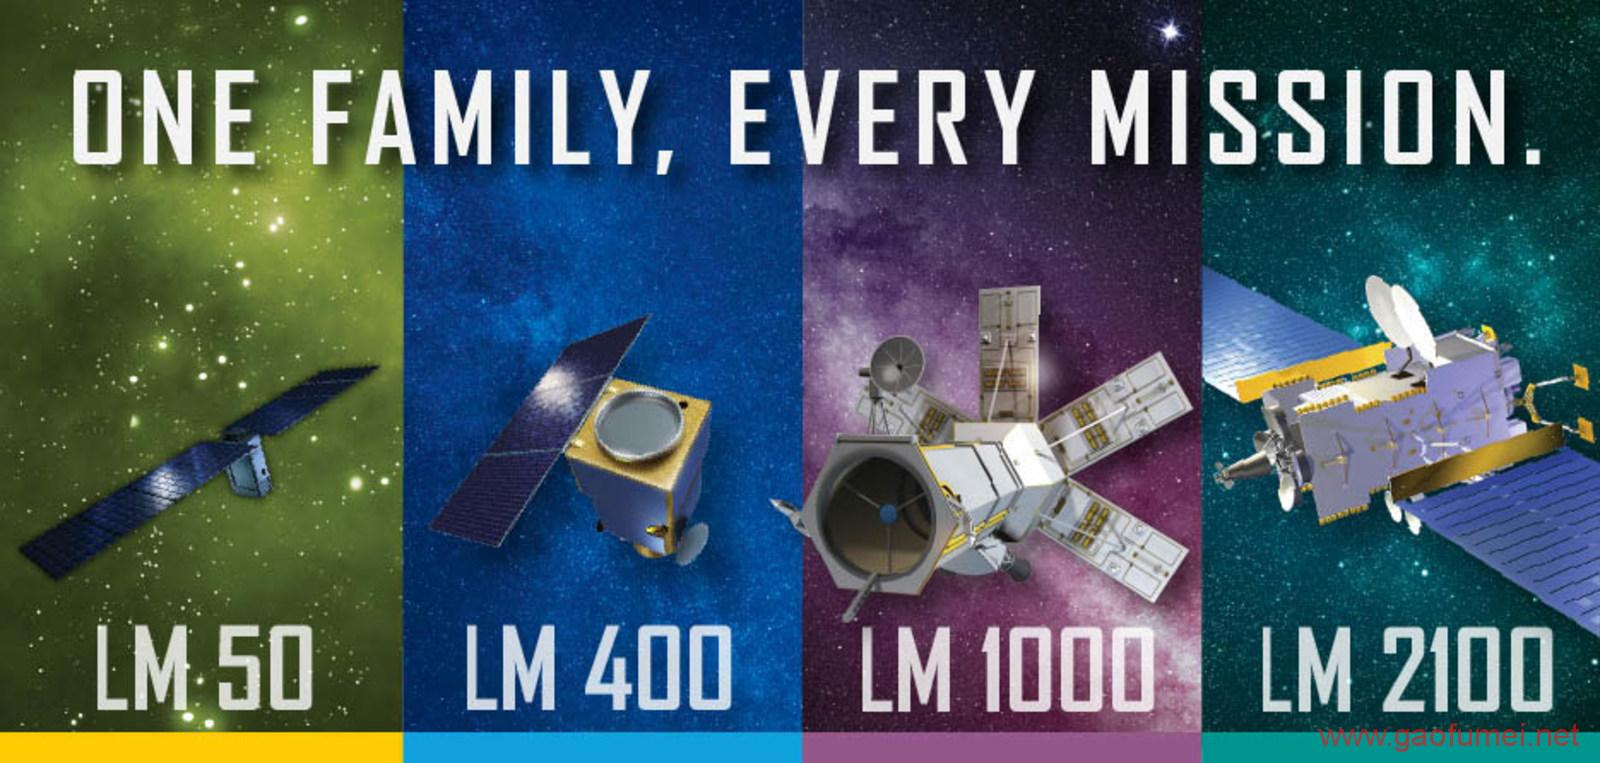 洛克希德·马丁推出卫星平台型谱方案加快个性化定制卫星的交货速度